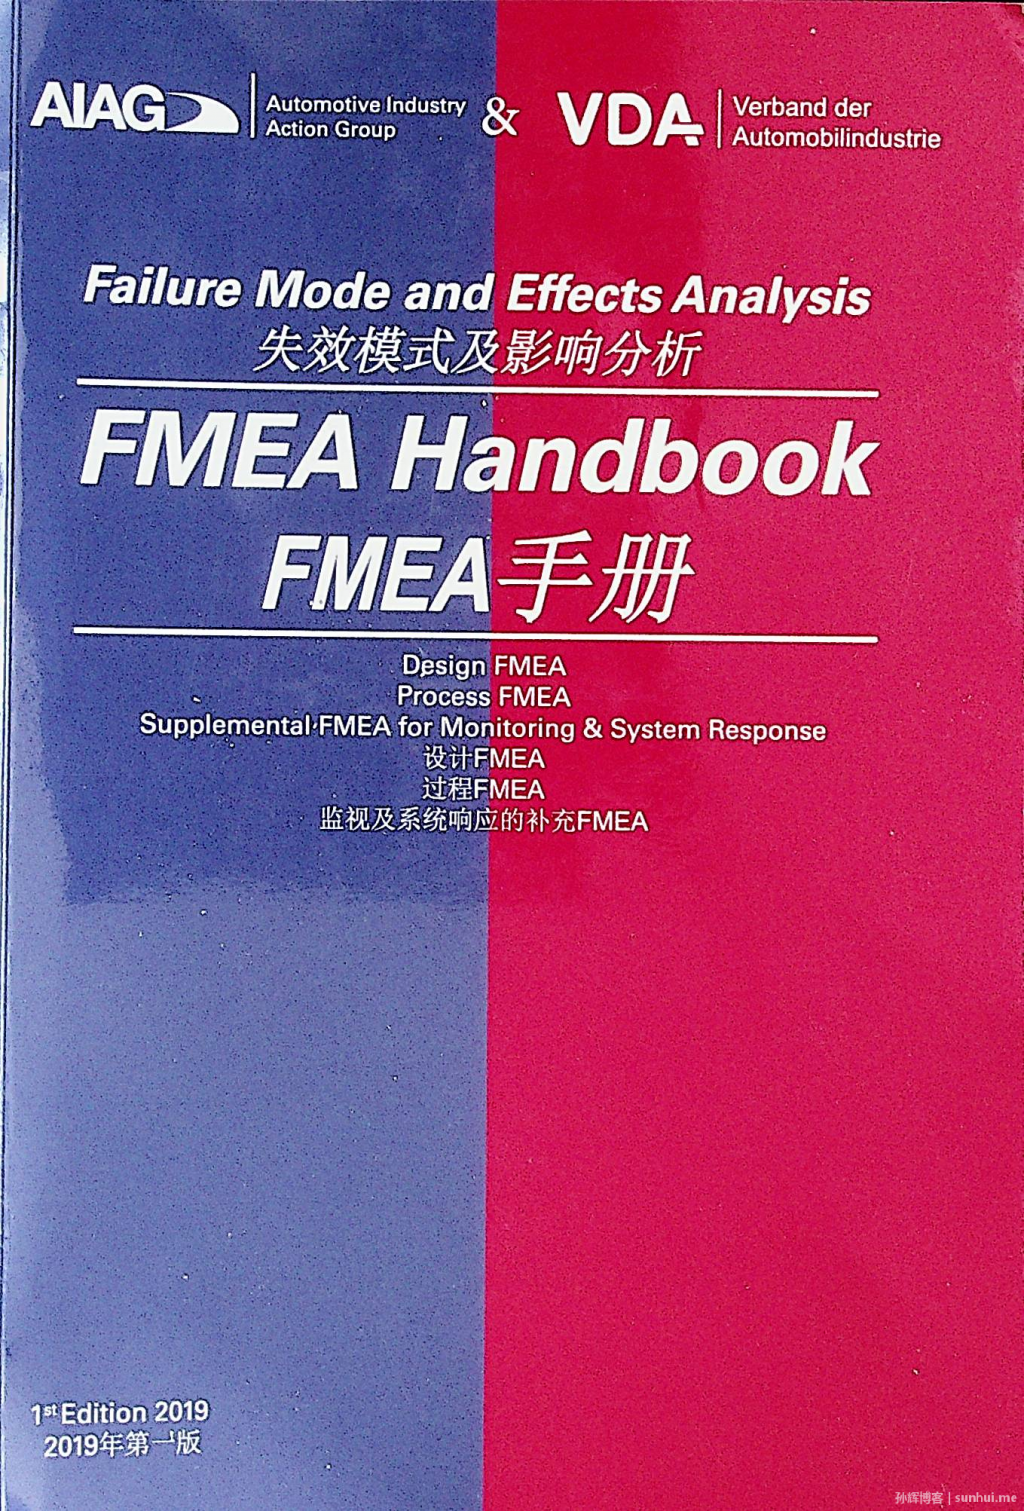 【鸿栢科技孙辉分享】2019新版FMEA(中文版)